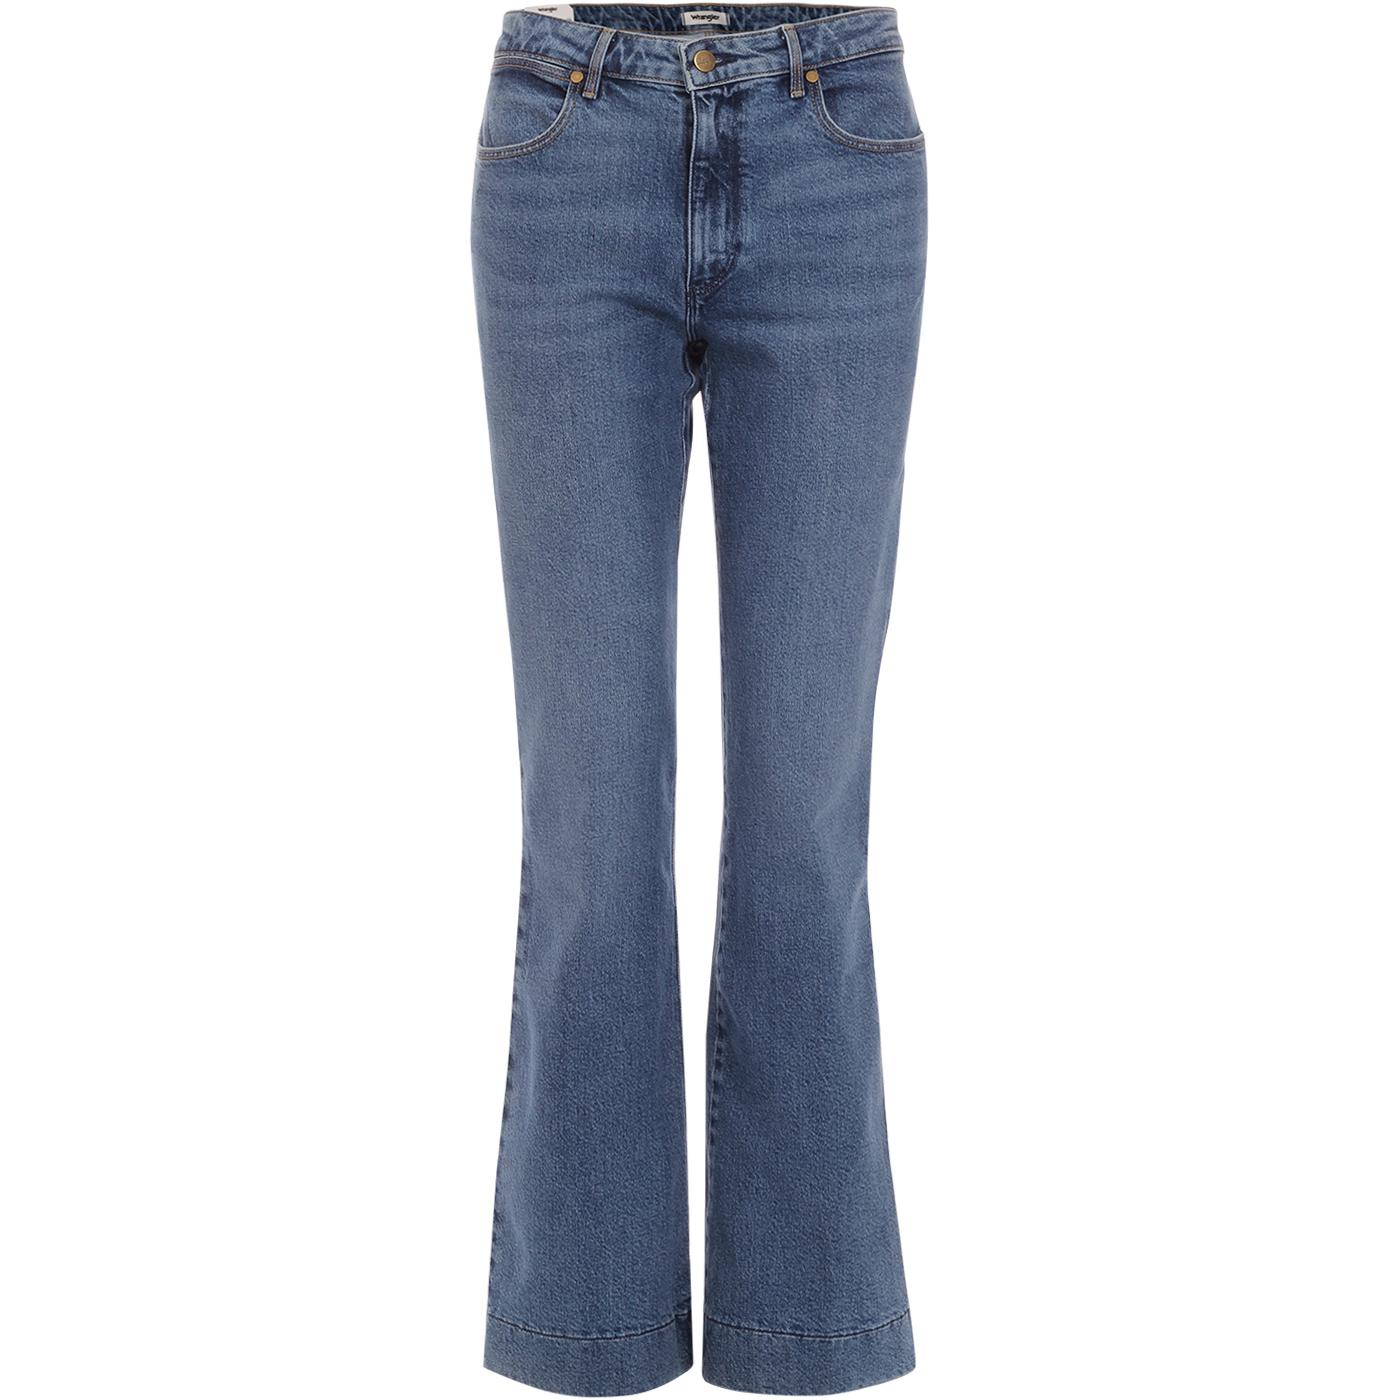 WRANGLER Flare Women's Retro 70s Flared Jeans BLUE